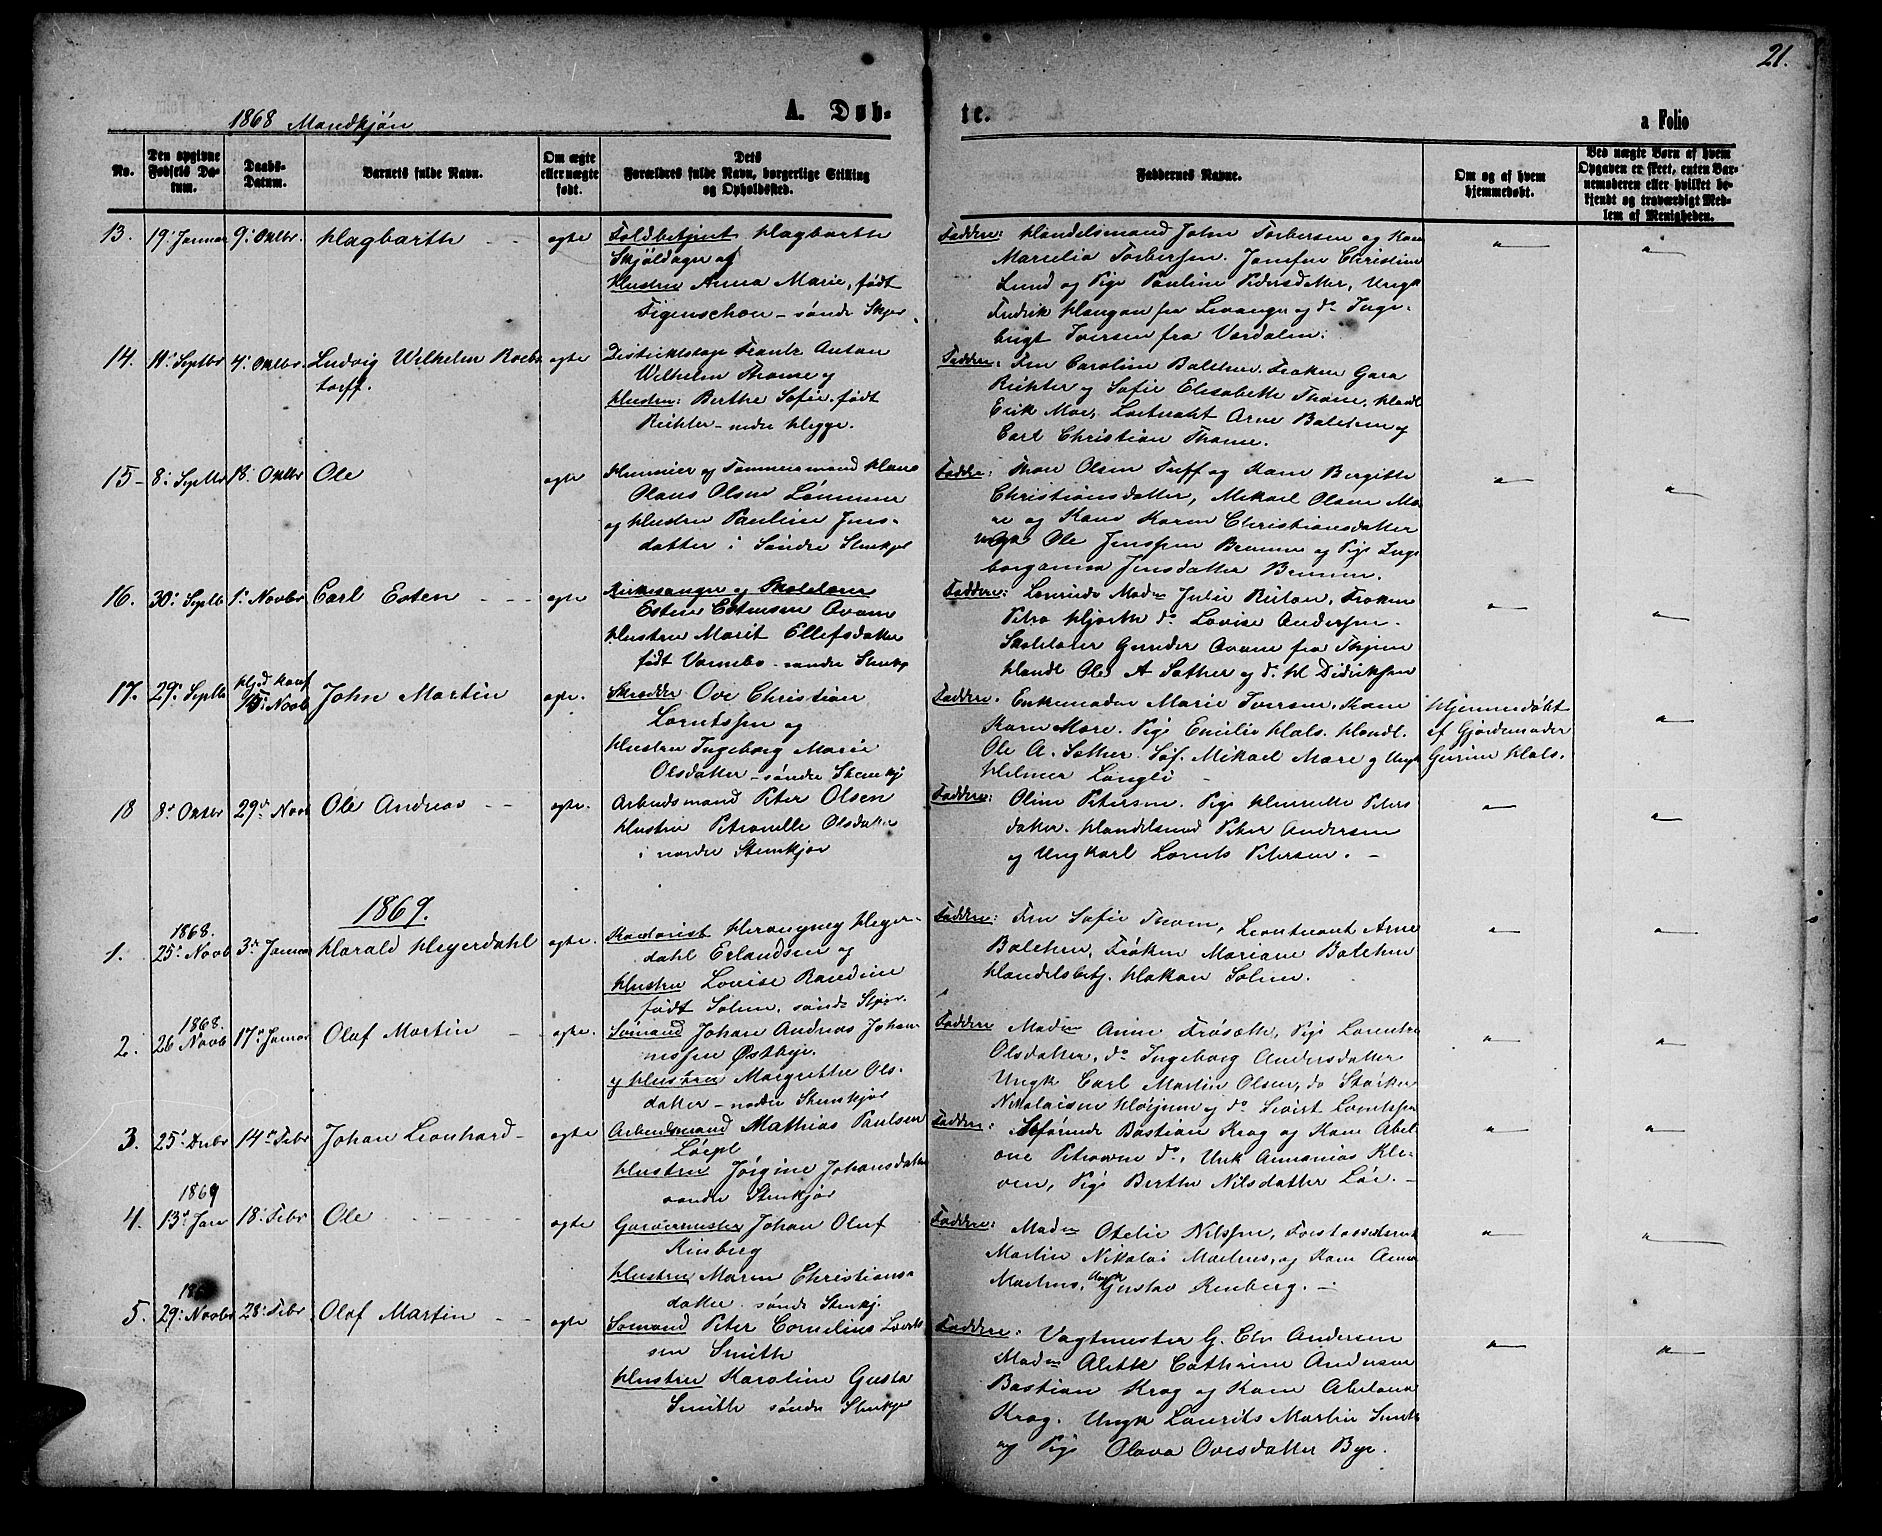 SAT, Ministerialprotokoller, klokkerbøker og fødselsregistre - Nord-Trøndelag, 739/L0373: Klokkerbok nr. 739C01, 1865-1882, s. 21